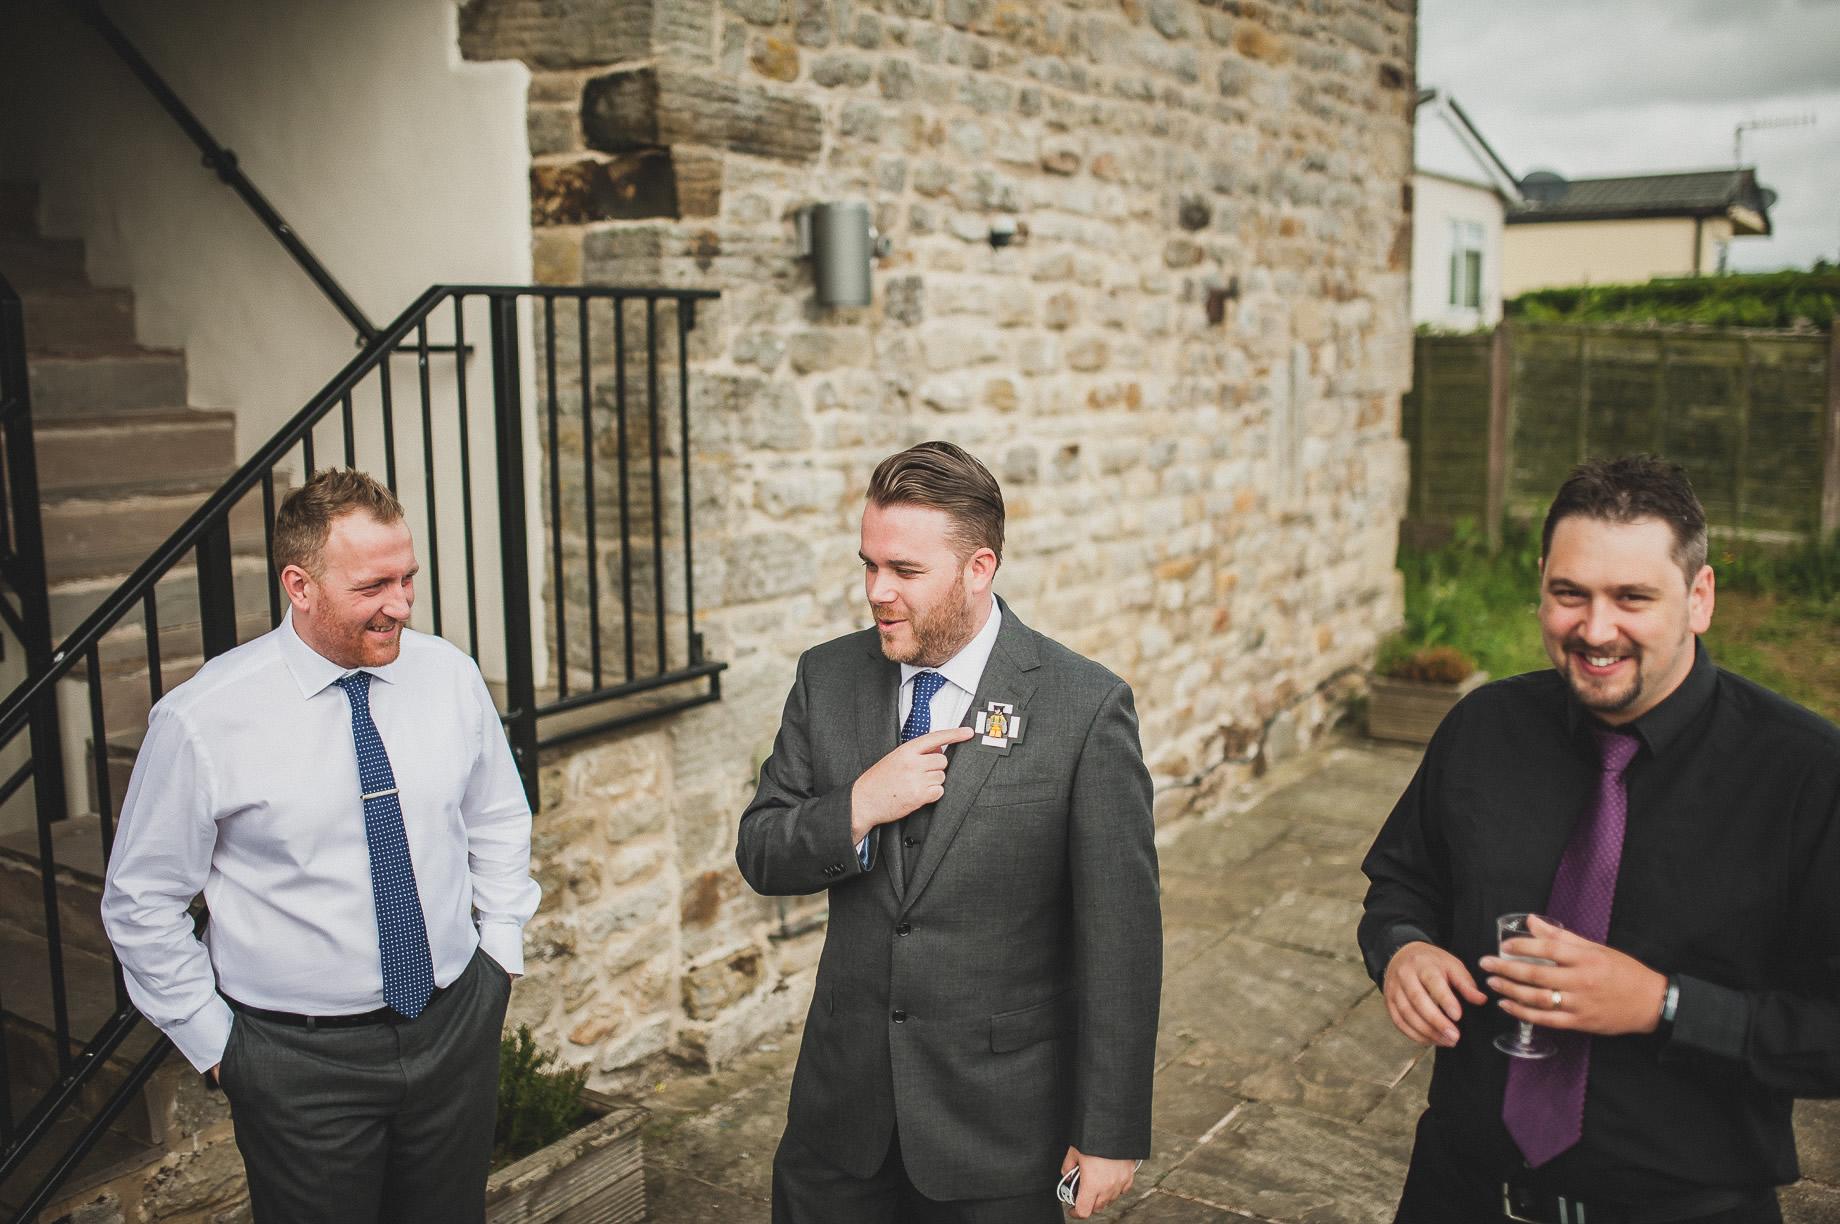 Becky and John's Wedding at Slaidburn Village Hall 020